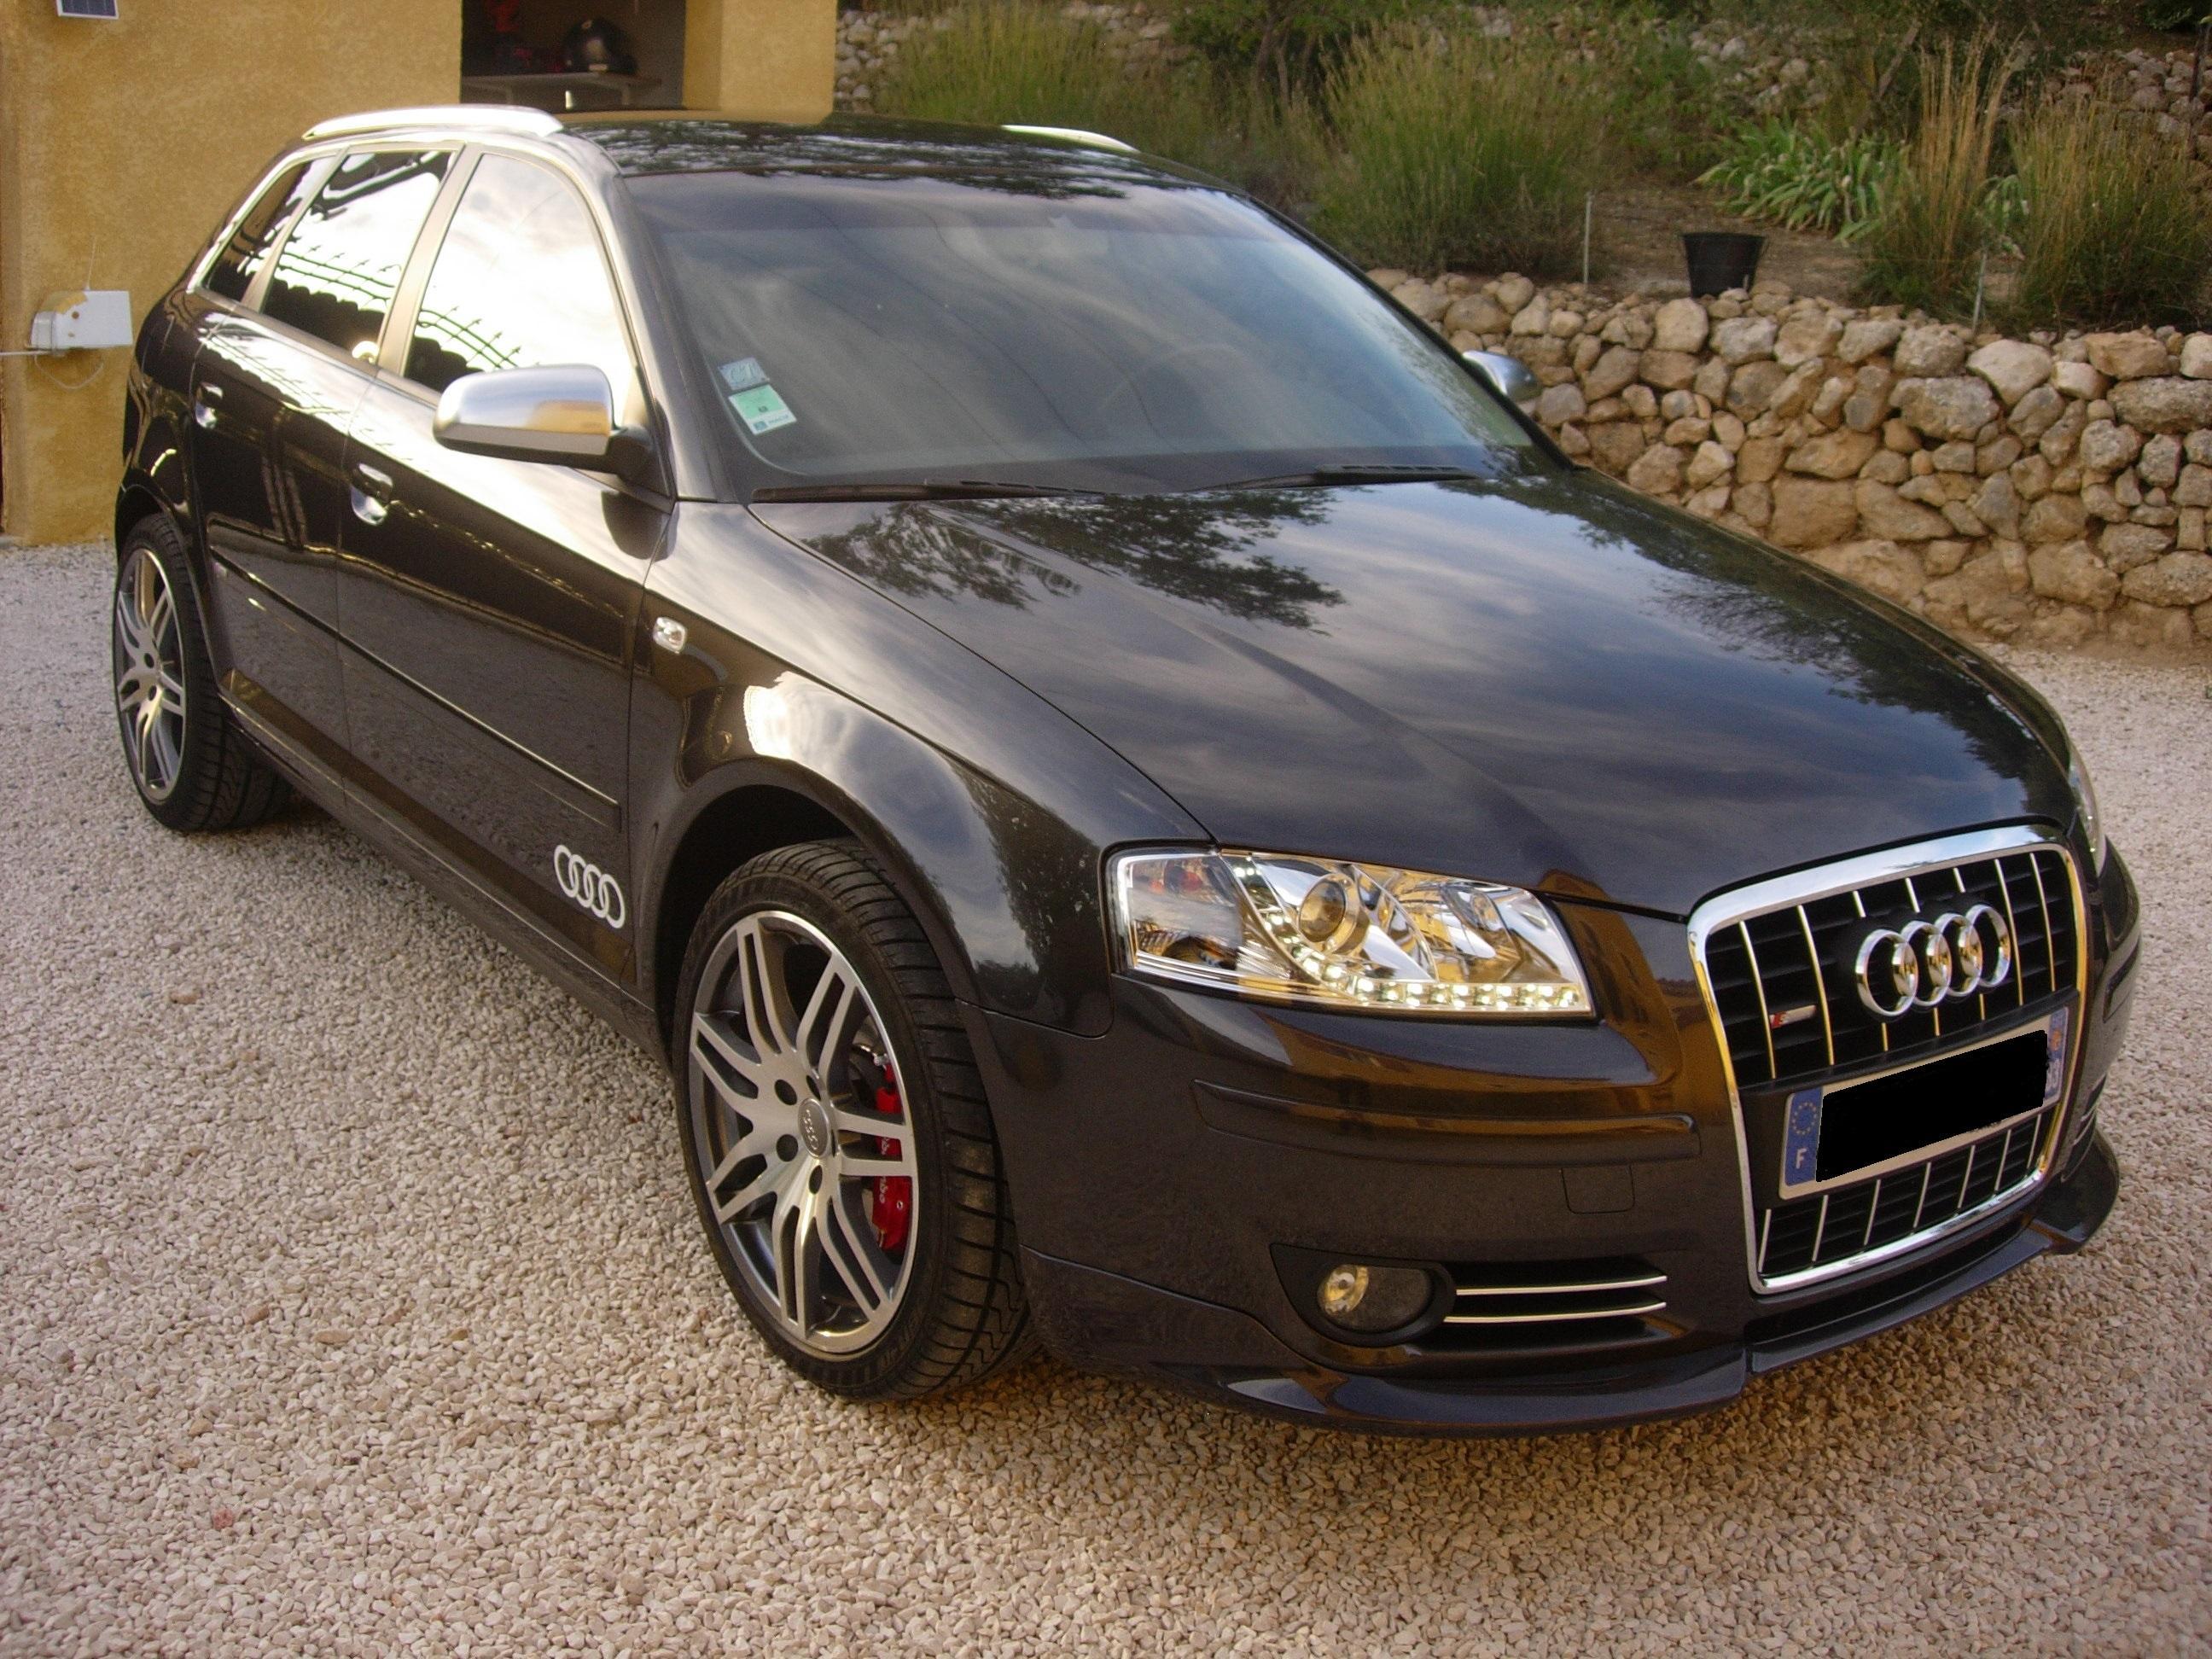 Olivier83 A3 Sportback 2 0 140cv Garages Des A3 2 0